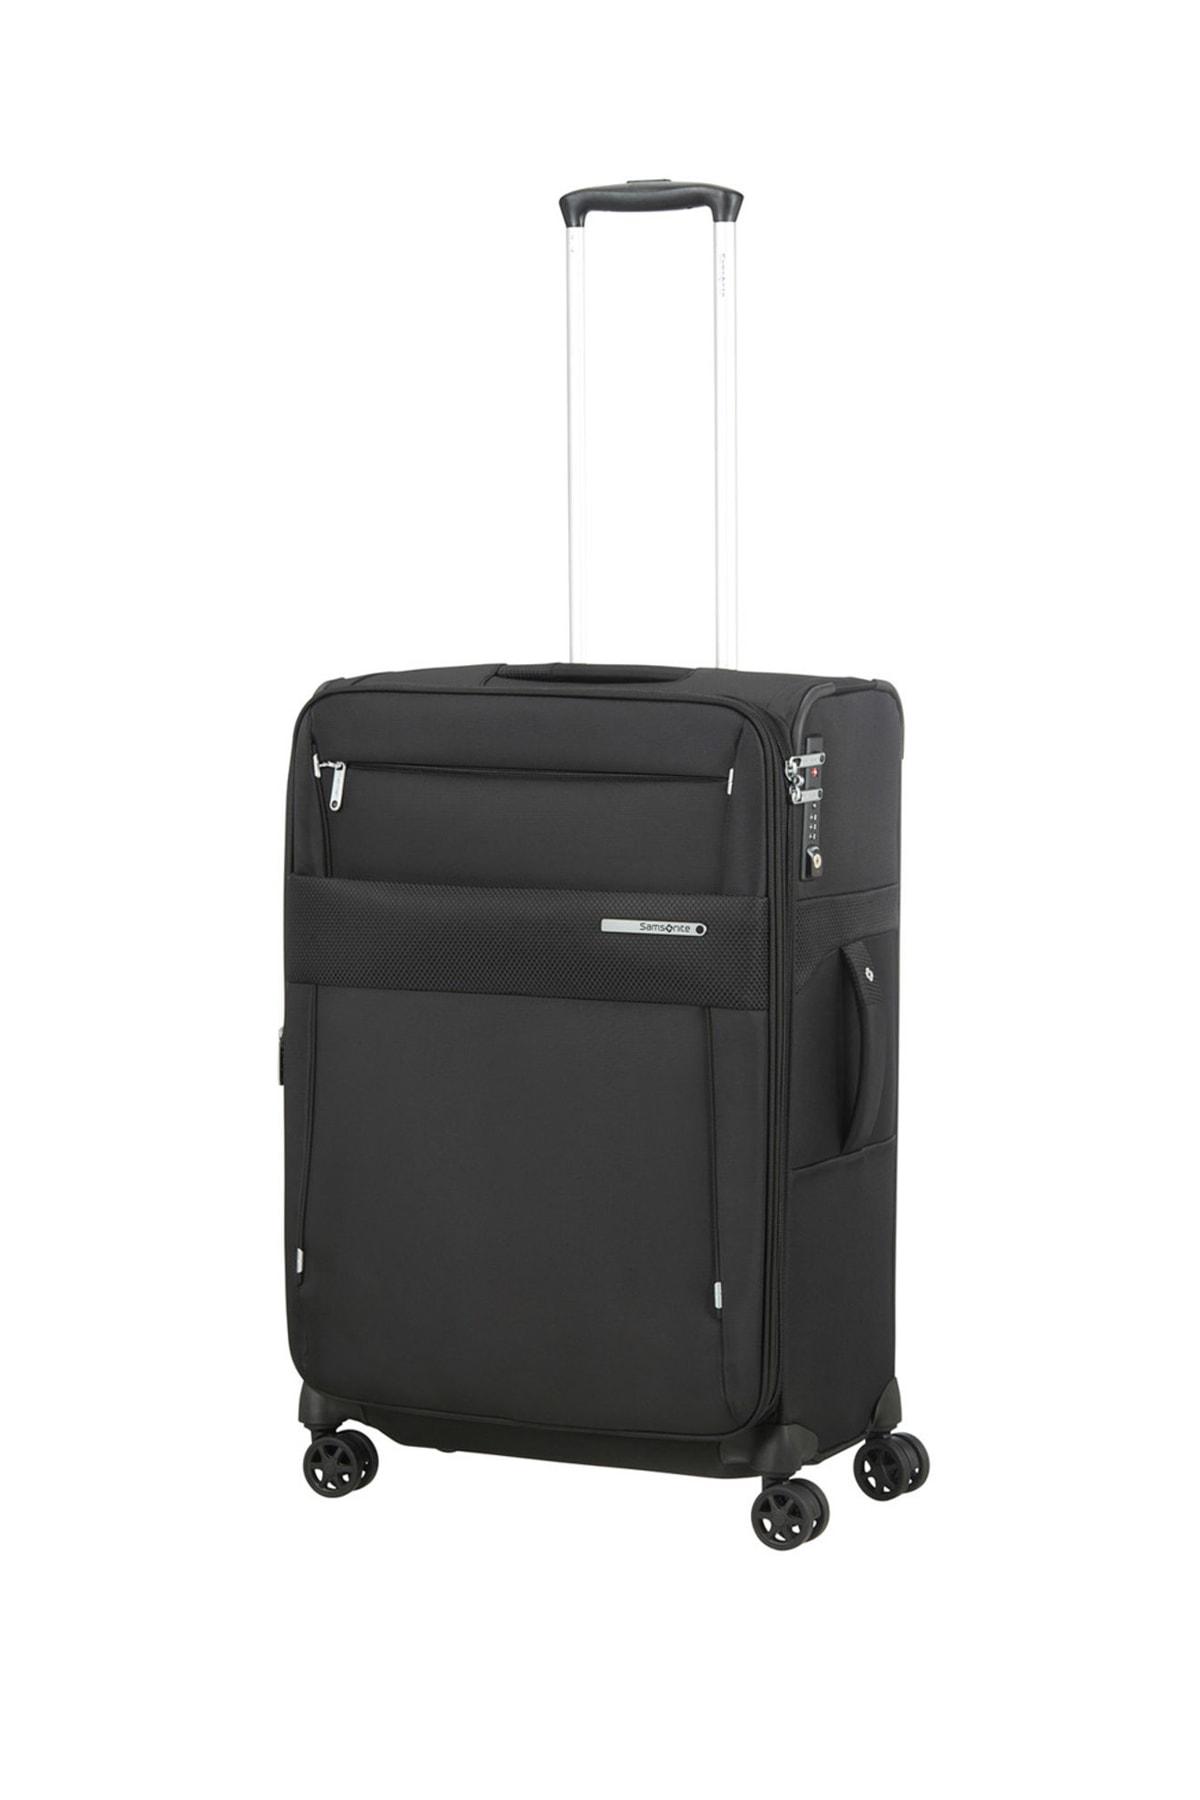 Siyah Unisex Duopack - 4 Tekerlekli Körüklü Tek Bölmeli Orta Boy Valiz 67Cm 54022